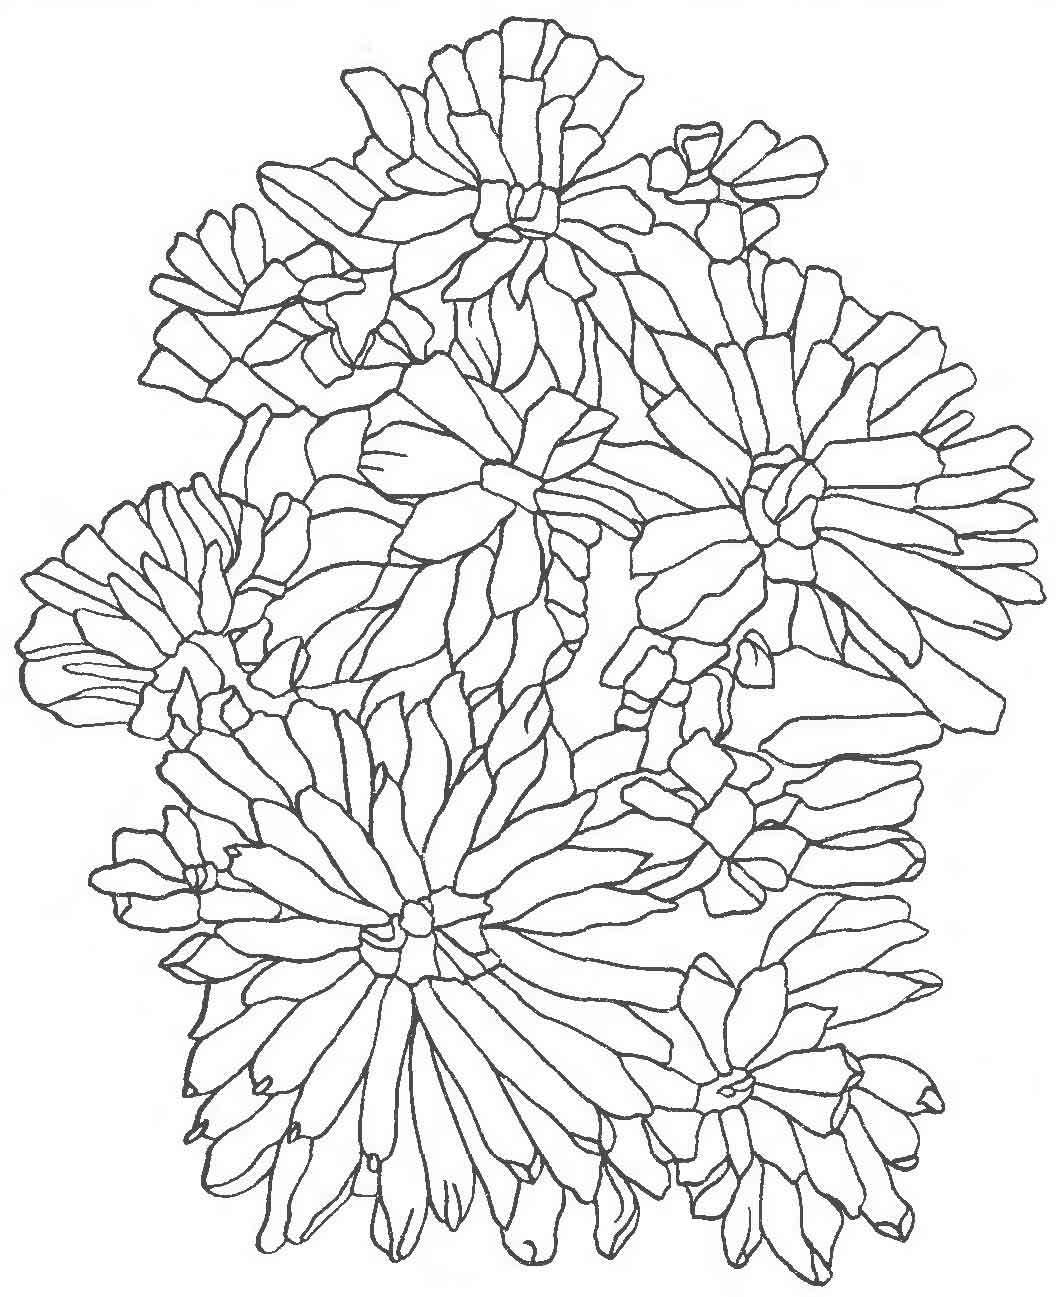 shablon-dlya-vishivki-lentami-astri Вышивка лентами для начинающих. Схемы цветов